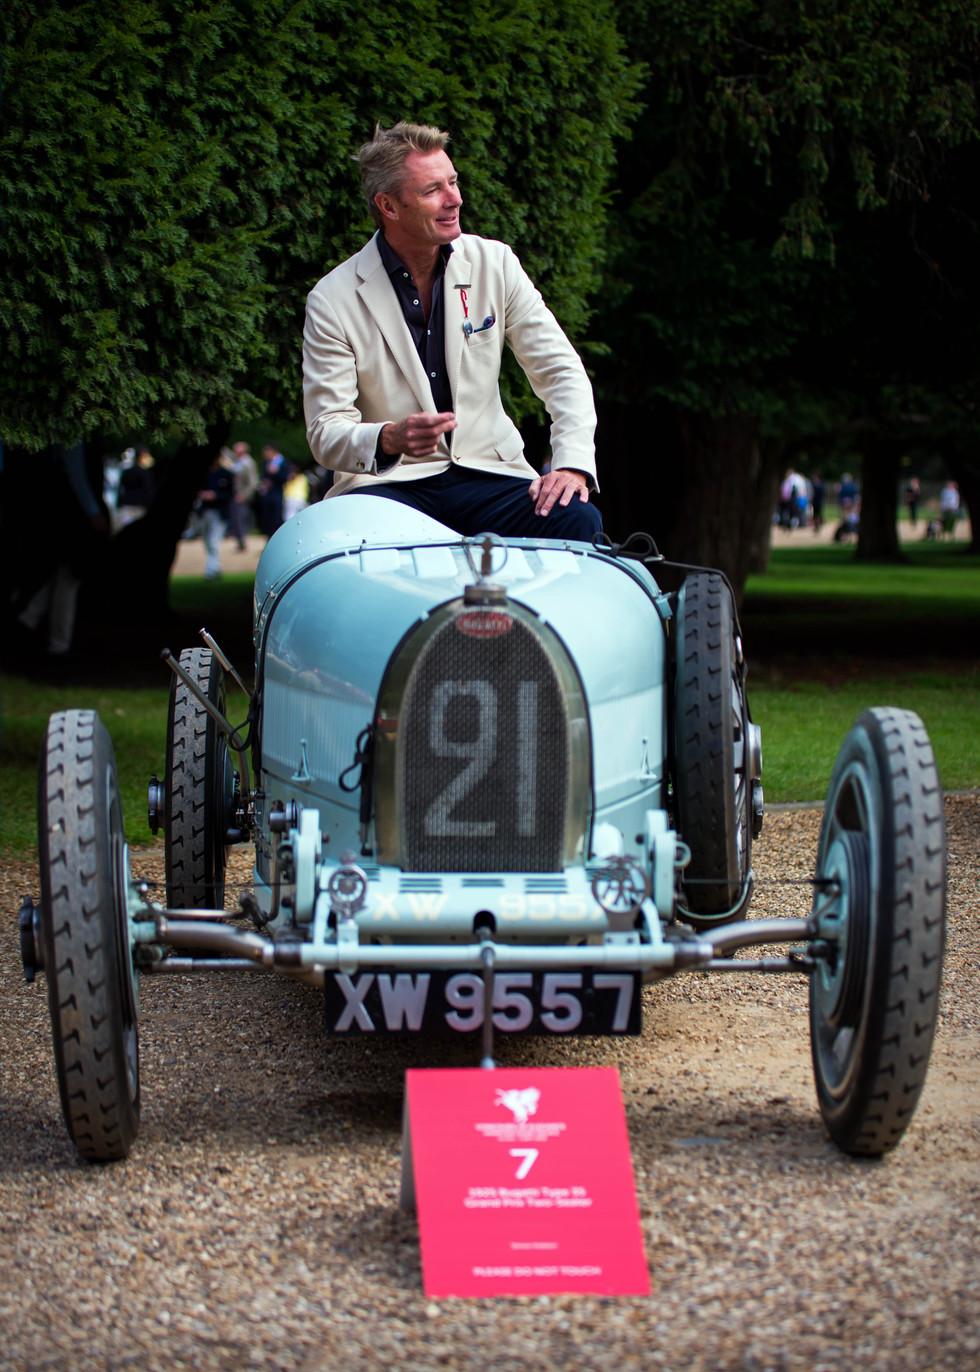 Simon Kidston's 1925 Bugatti Type 35 Grand Prix